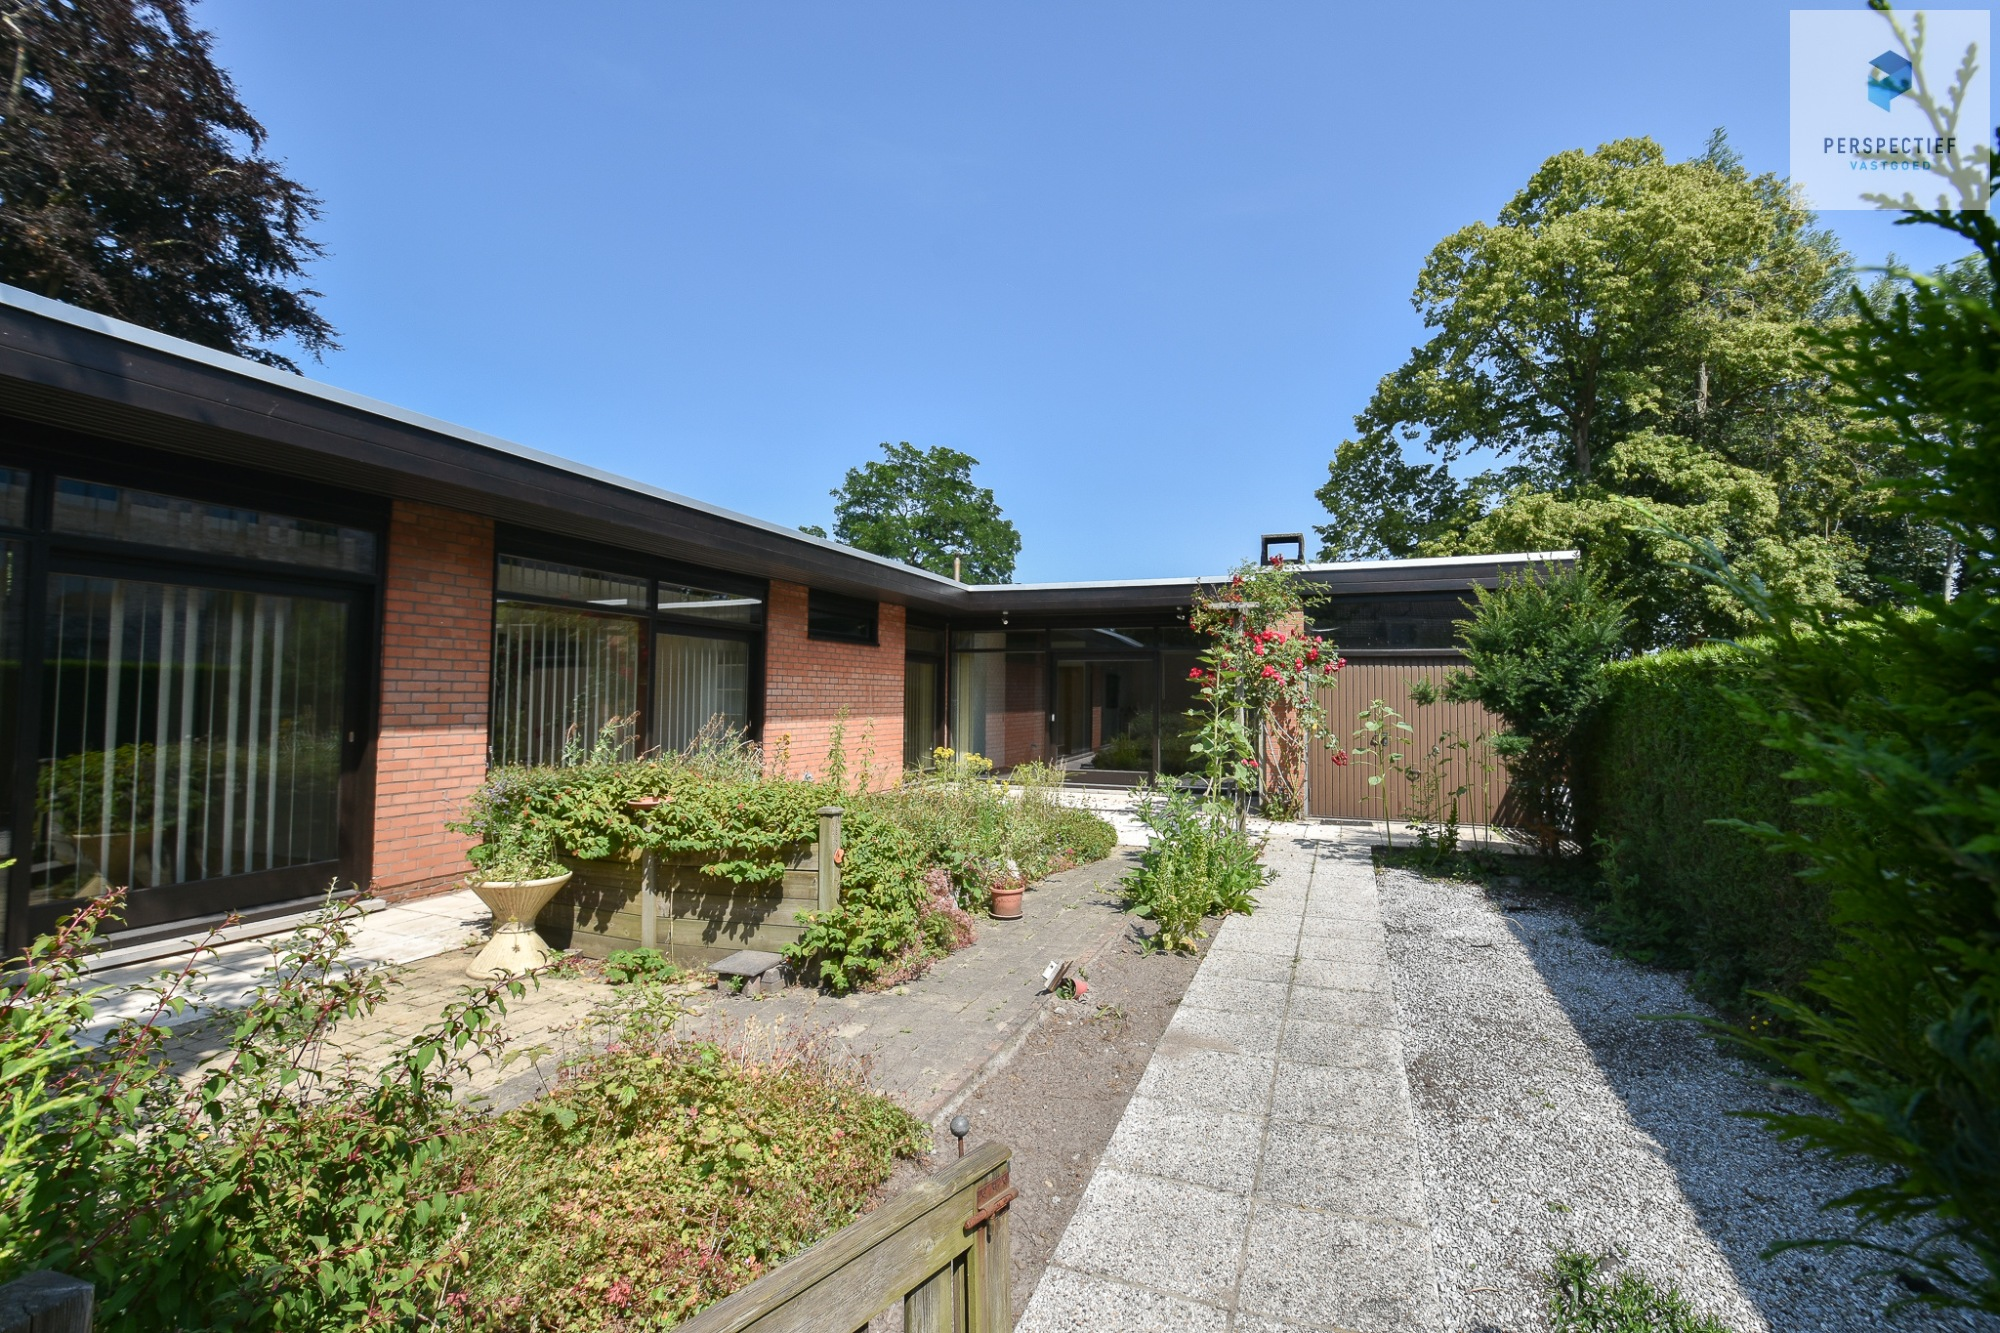 | IN OPTIE | Vrijstaandearchitecturale woningop eentoplocatie, ideaal voor een zelfstandigepraktijk! - 2